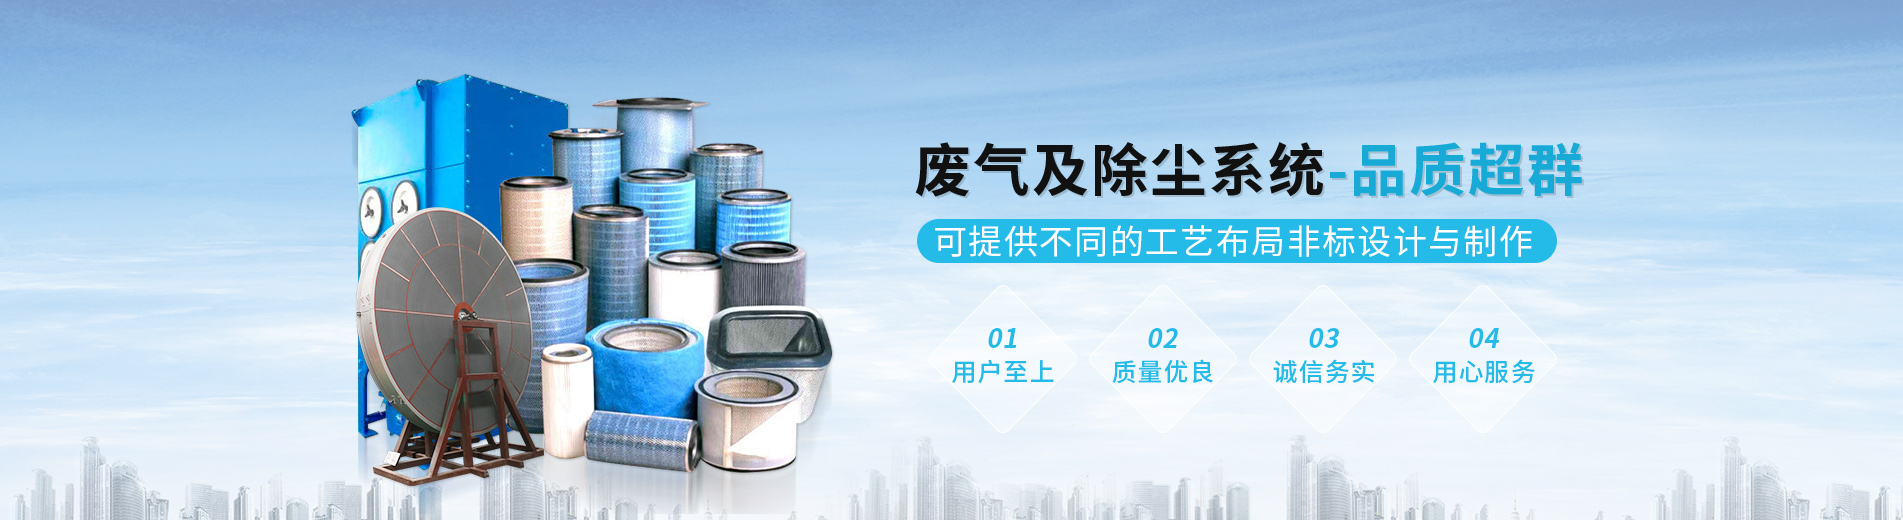 上海炬济环保工程有限公司